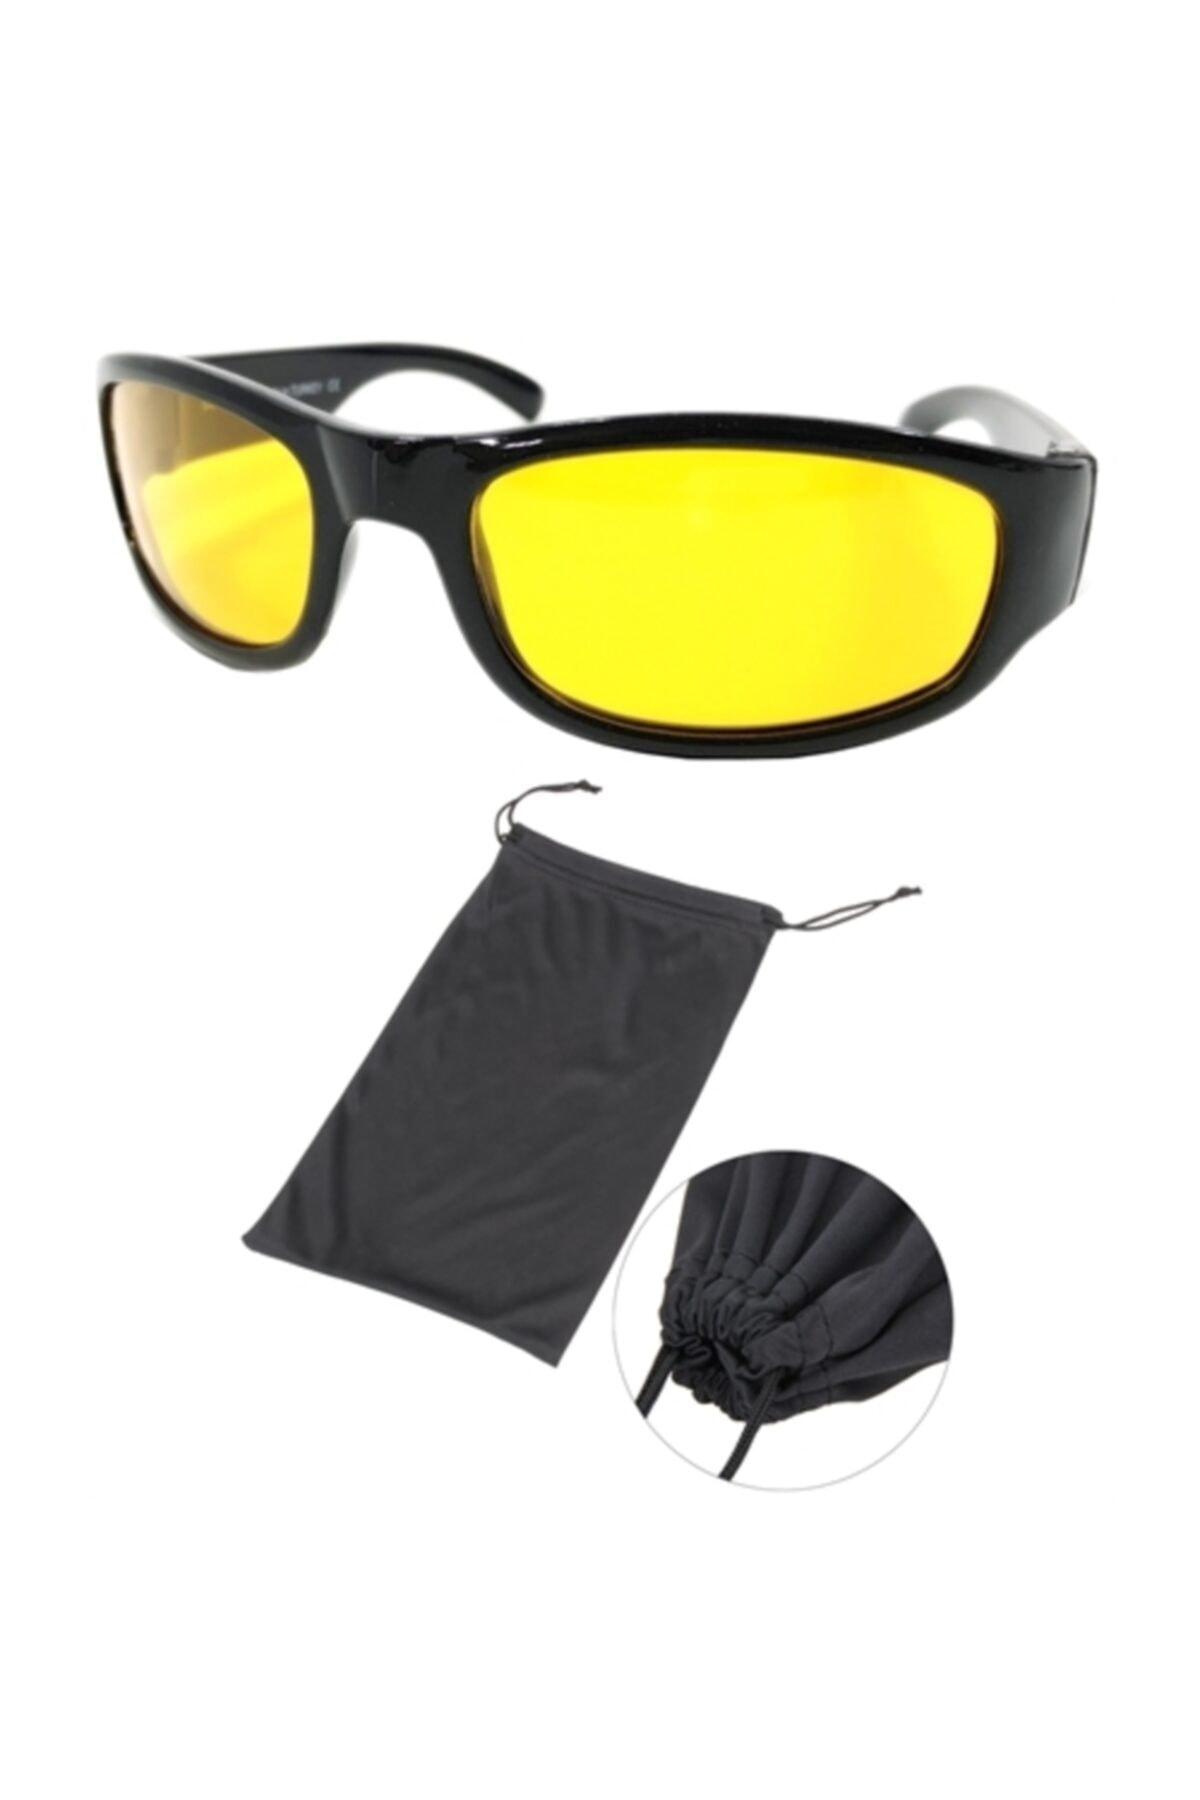 ModaCar Gece Sürüş ve Sis Gözlüğü 422145 1